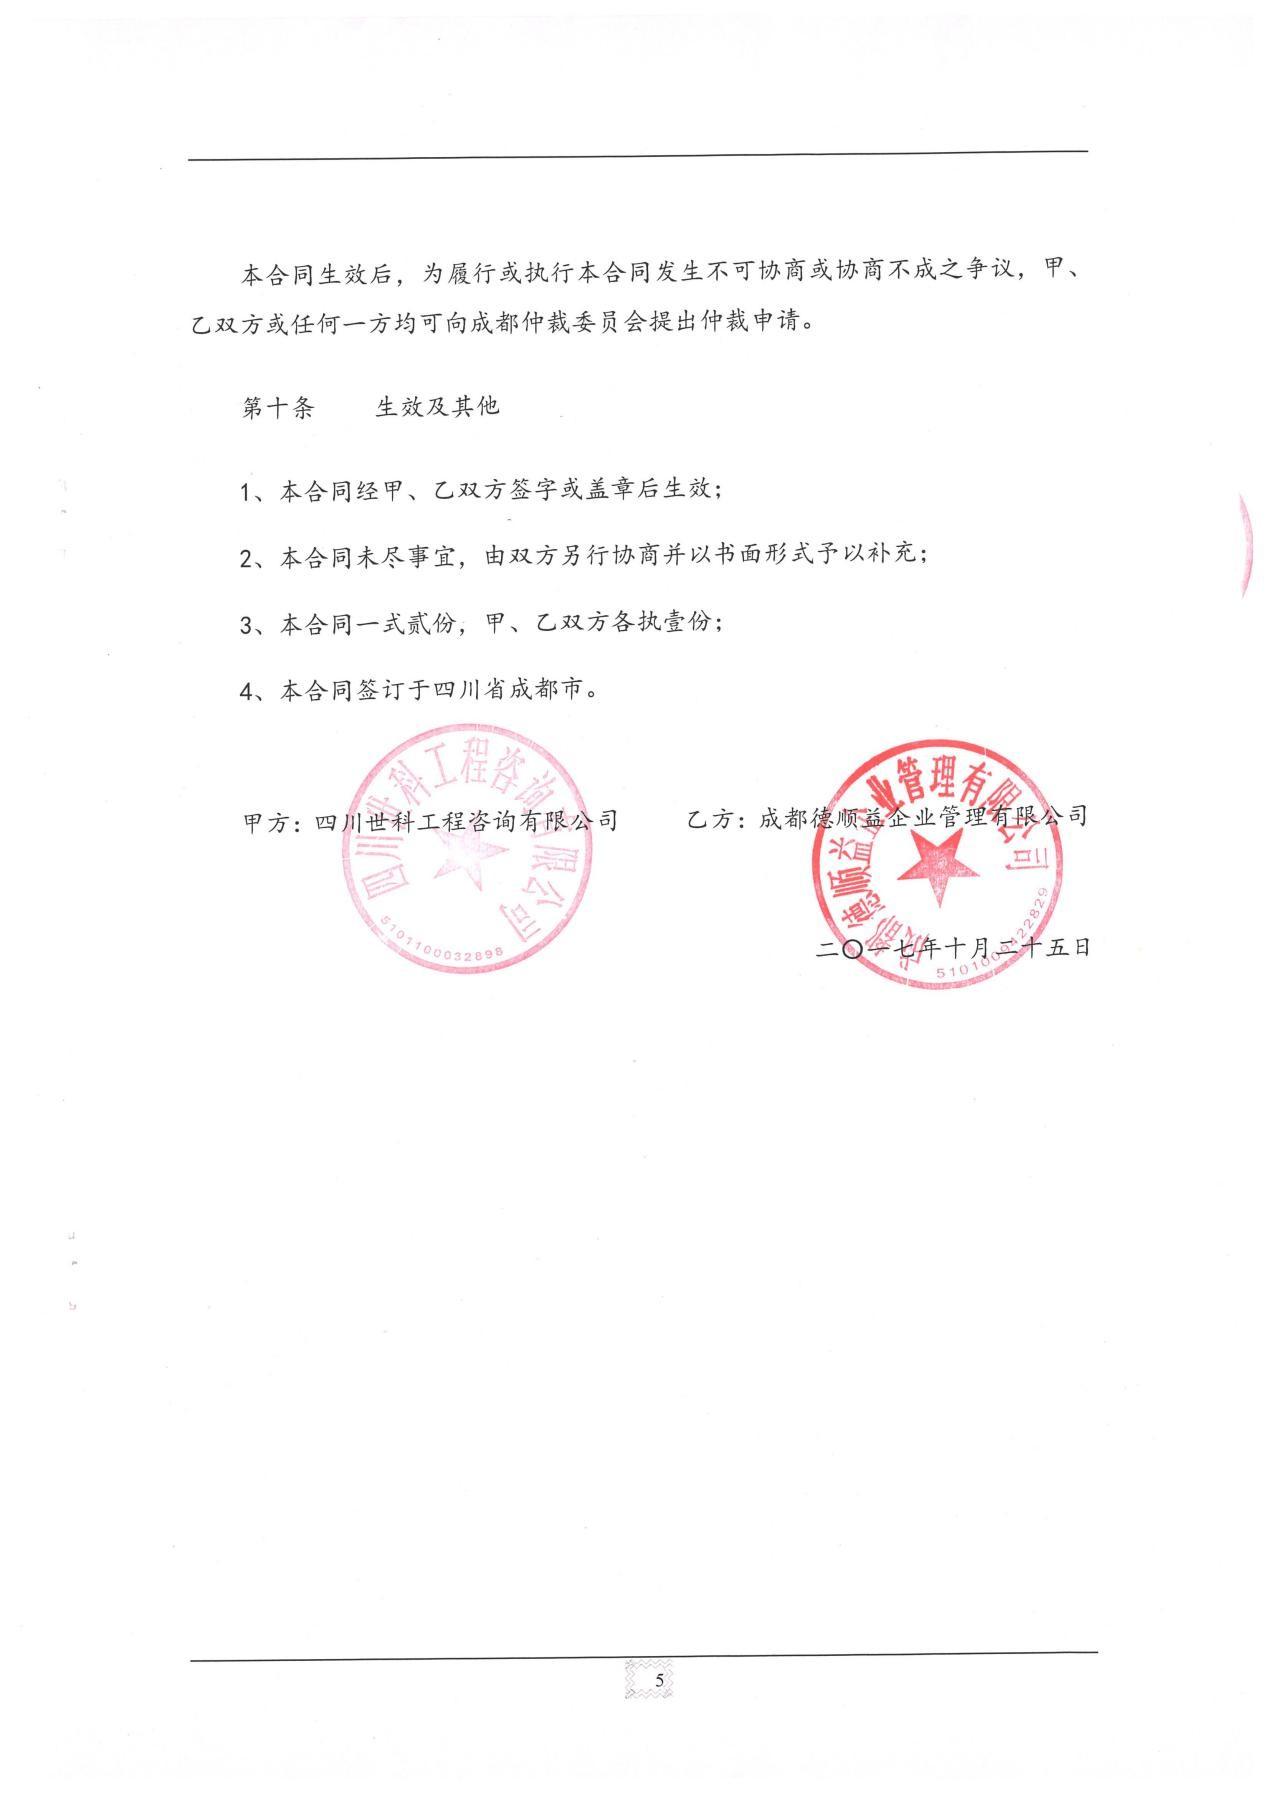 公司资质 / COMPANY QUALIFICATION